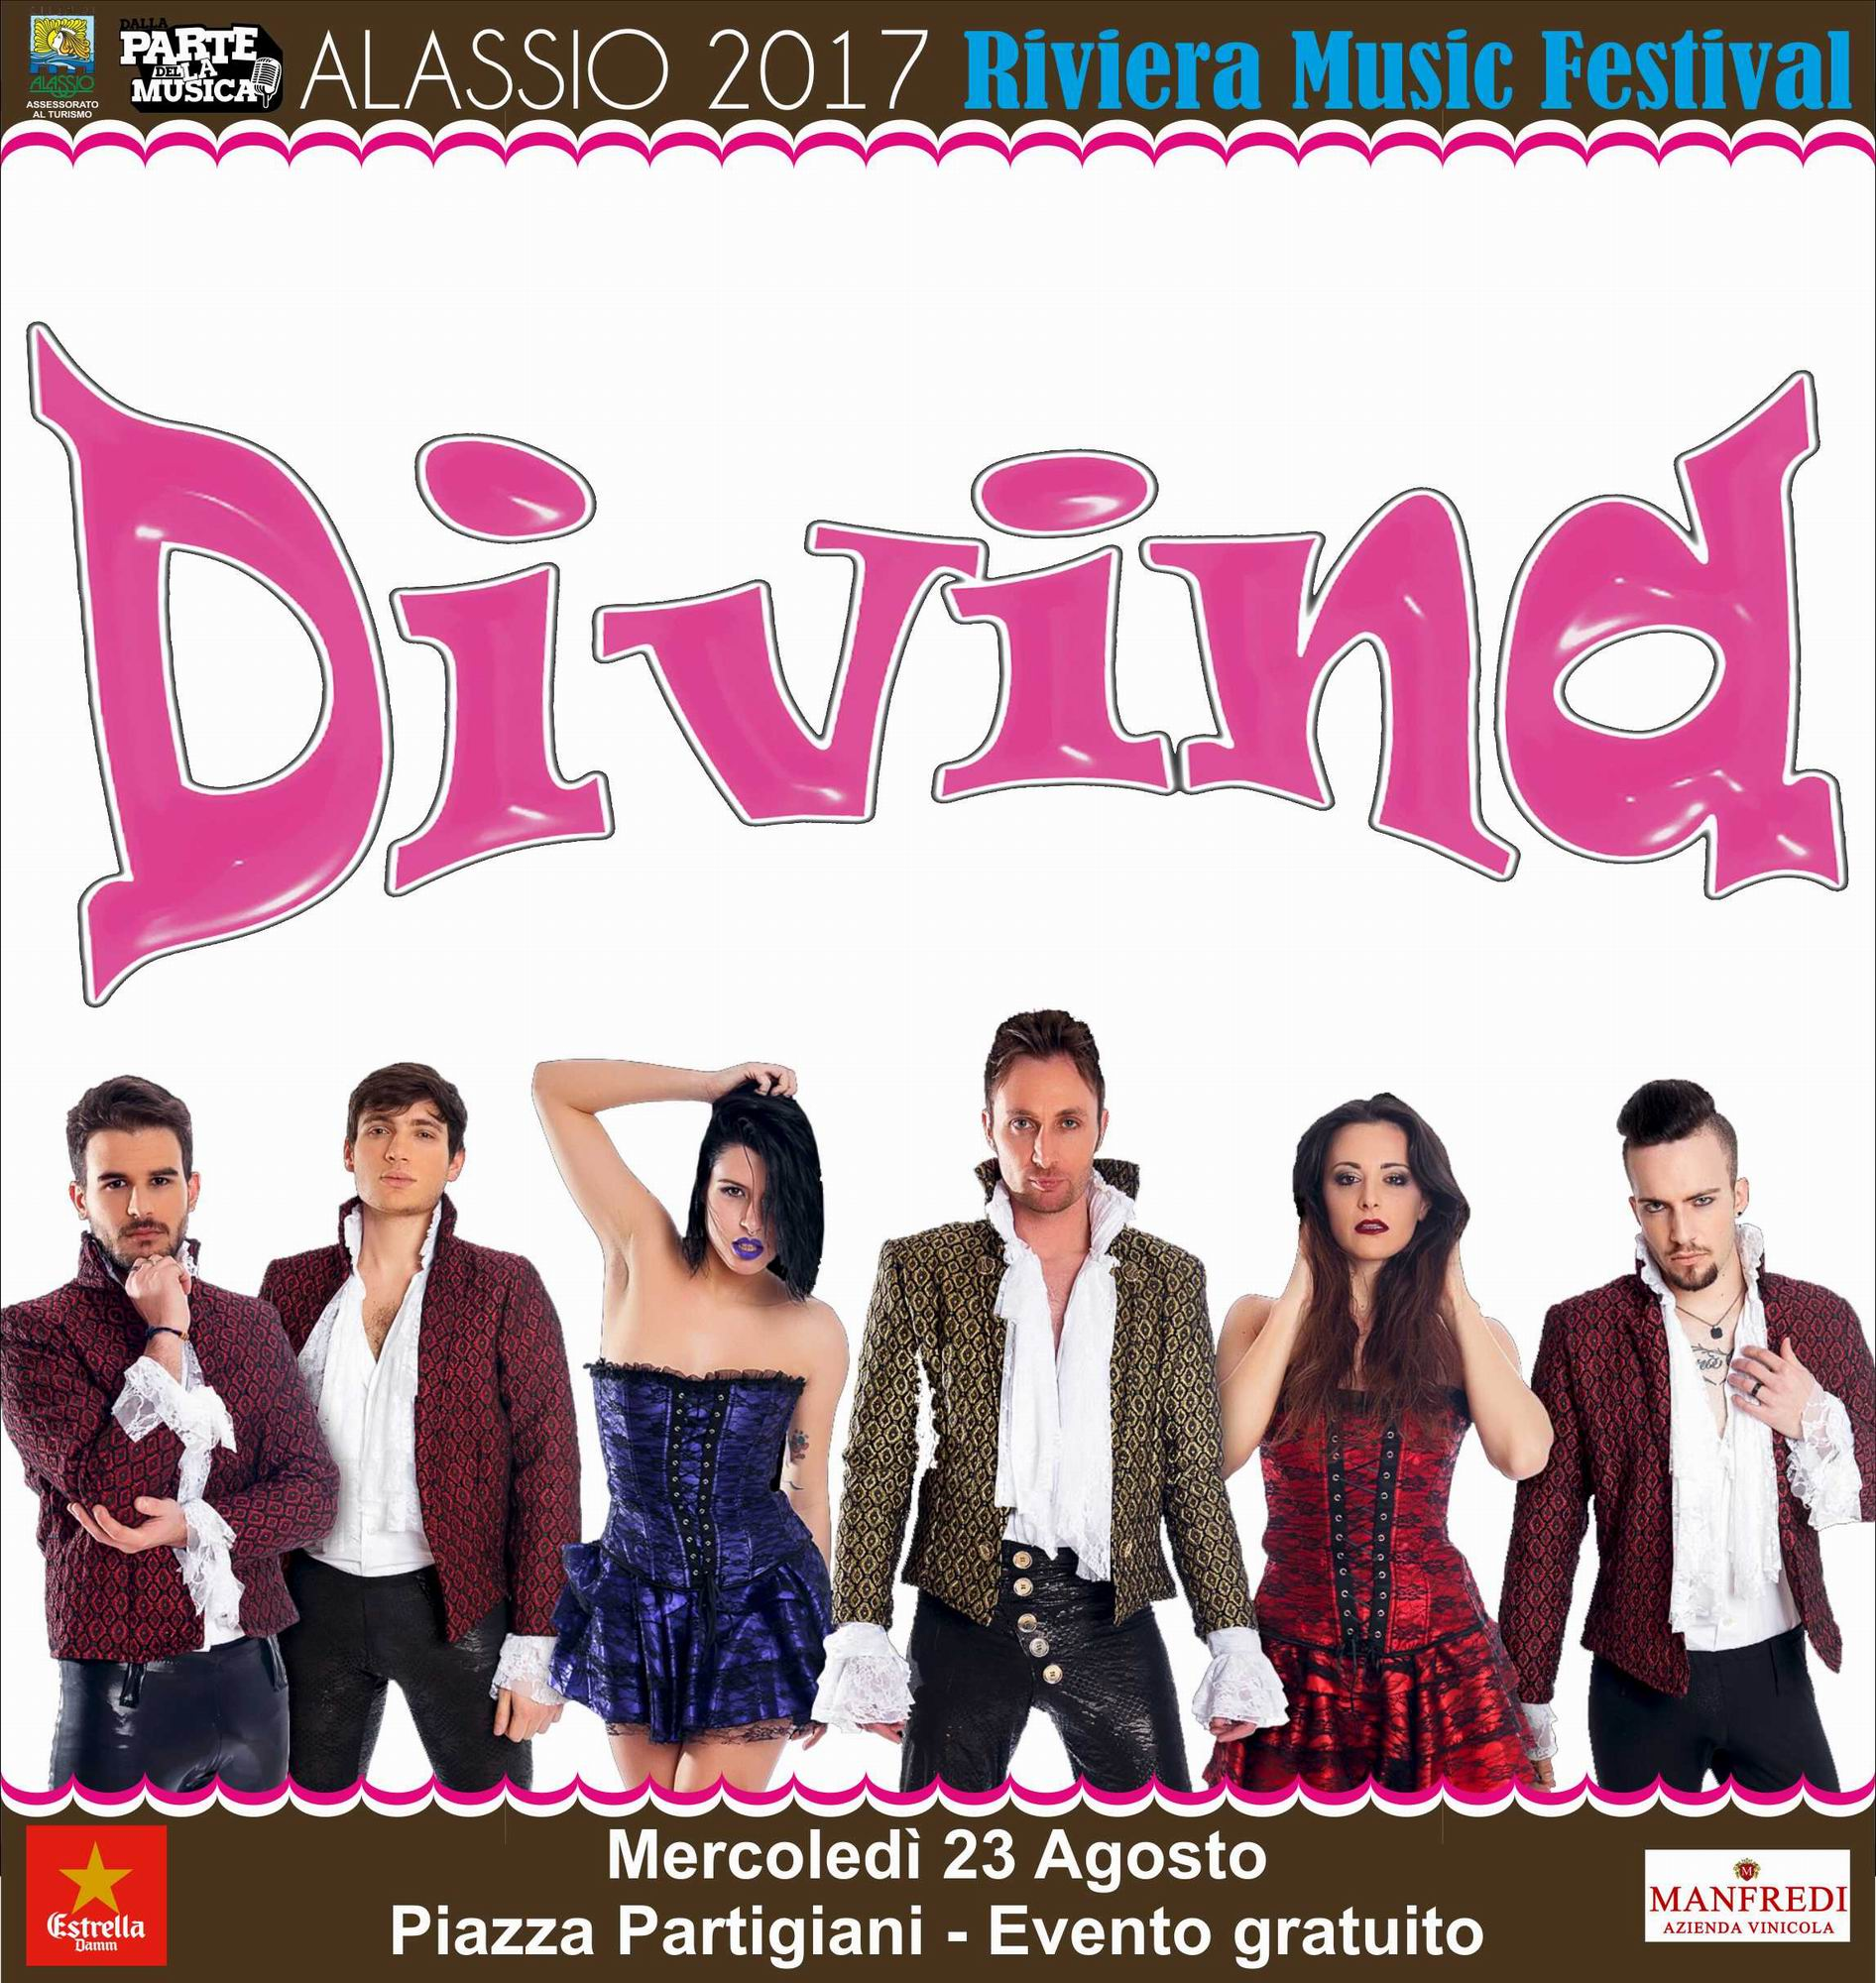 Alassio – I Divina al Riviera Music Festival